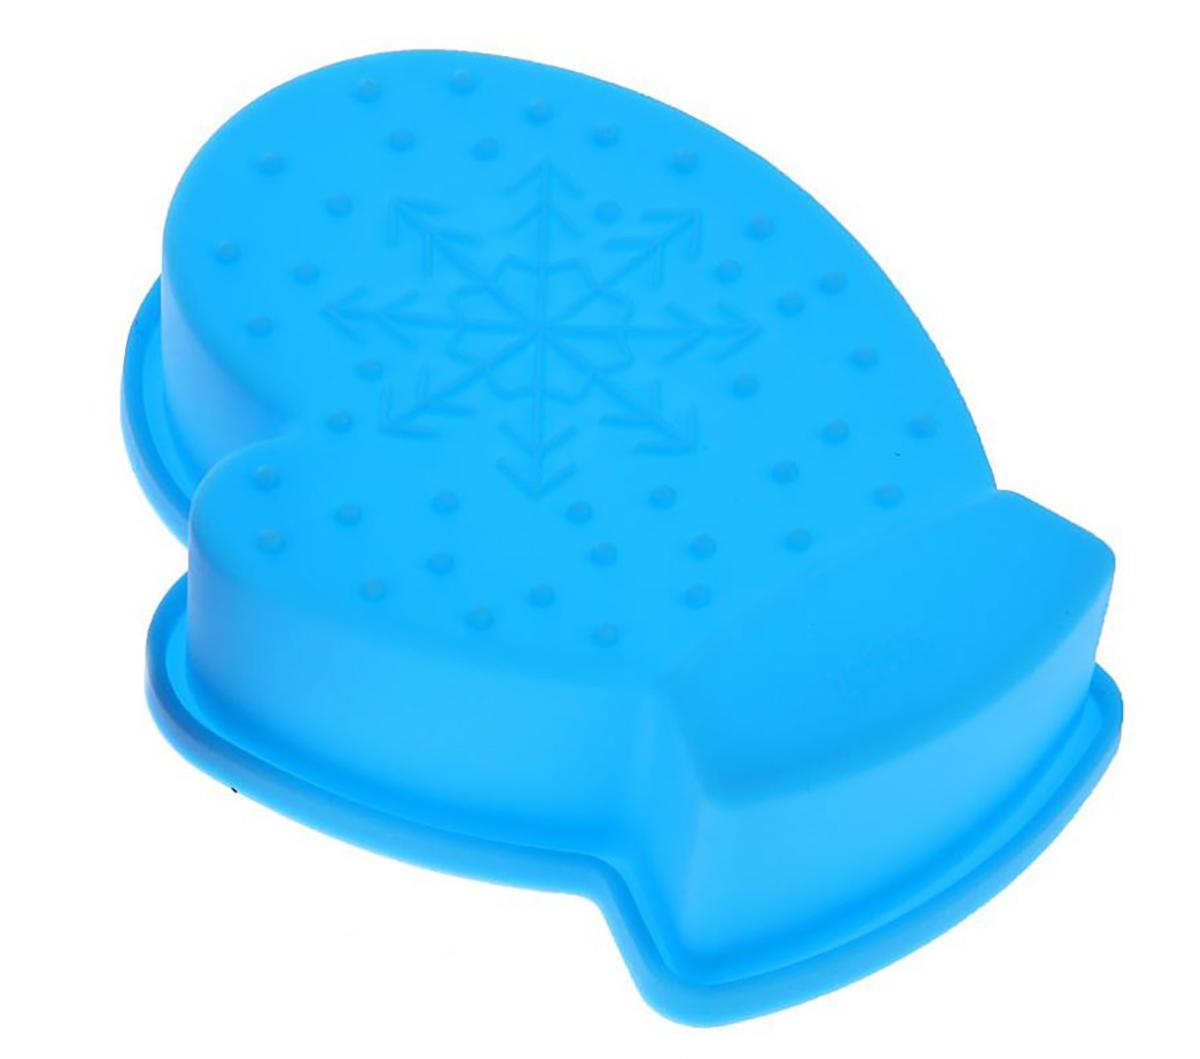 Форма для выпечки Доляна Новый год, цвет: голубой, 10 х 7 х 2,5 см1116695_голубой